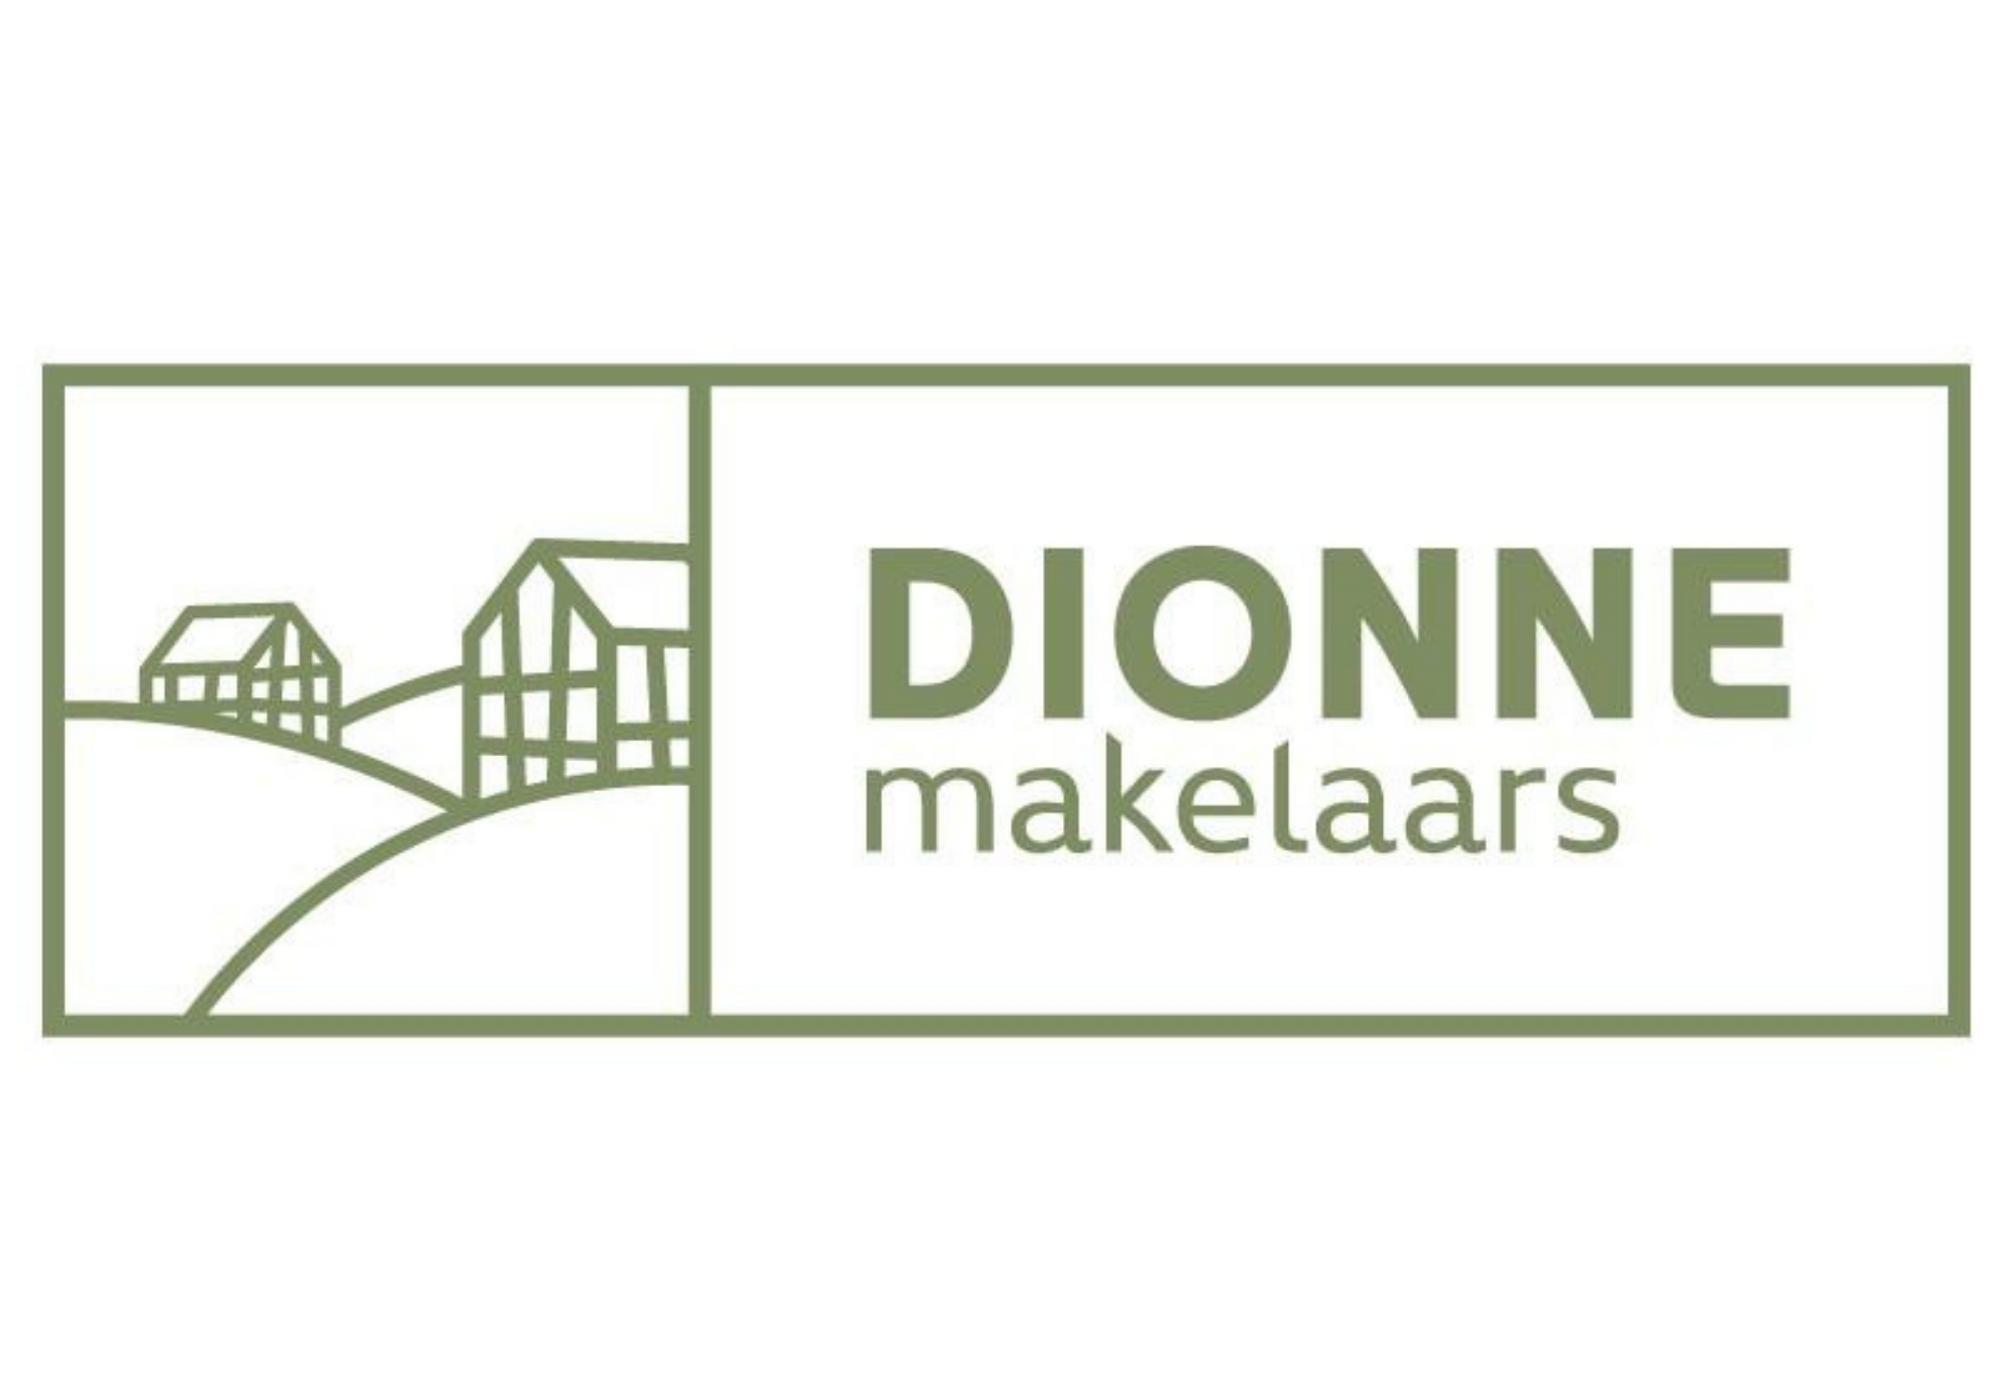 Logo_Dionne_Makelaars_180x125